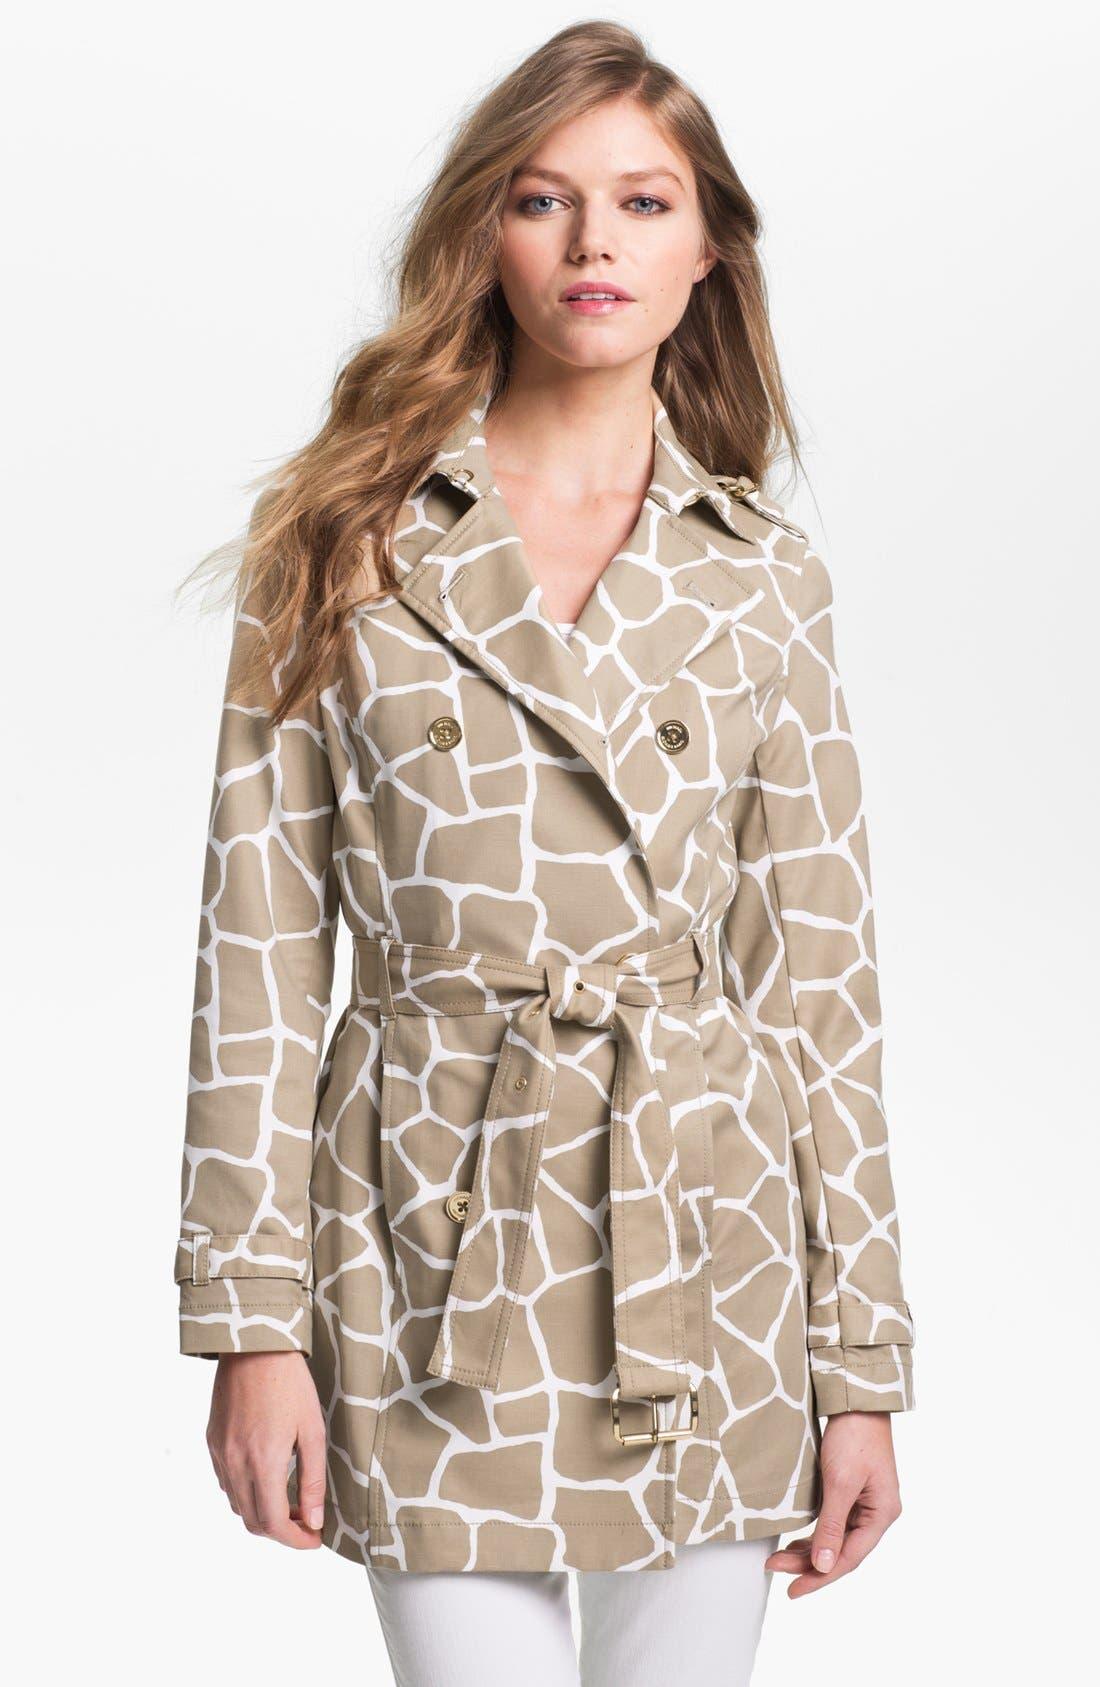 Alternate Image 1 Selected - MICHAEL Michael Kors Giraffe Print Trench Coat (Petite)